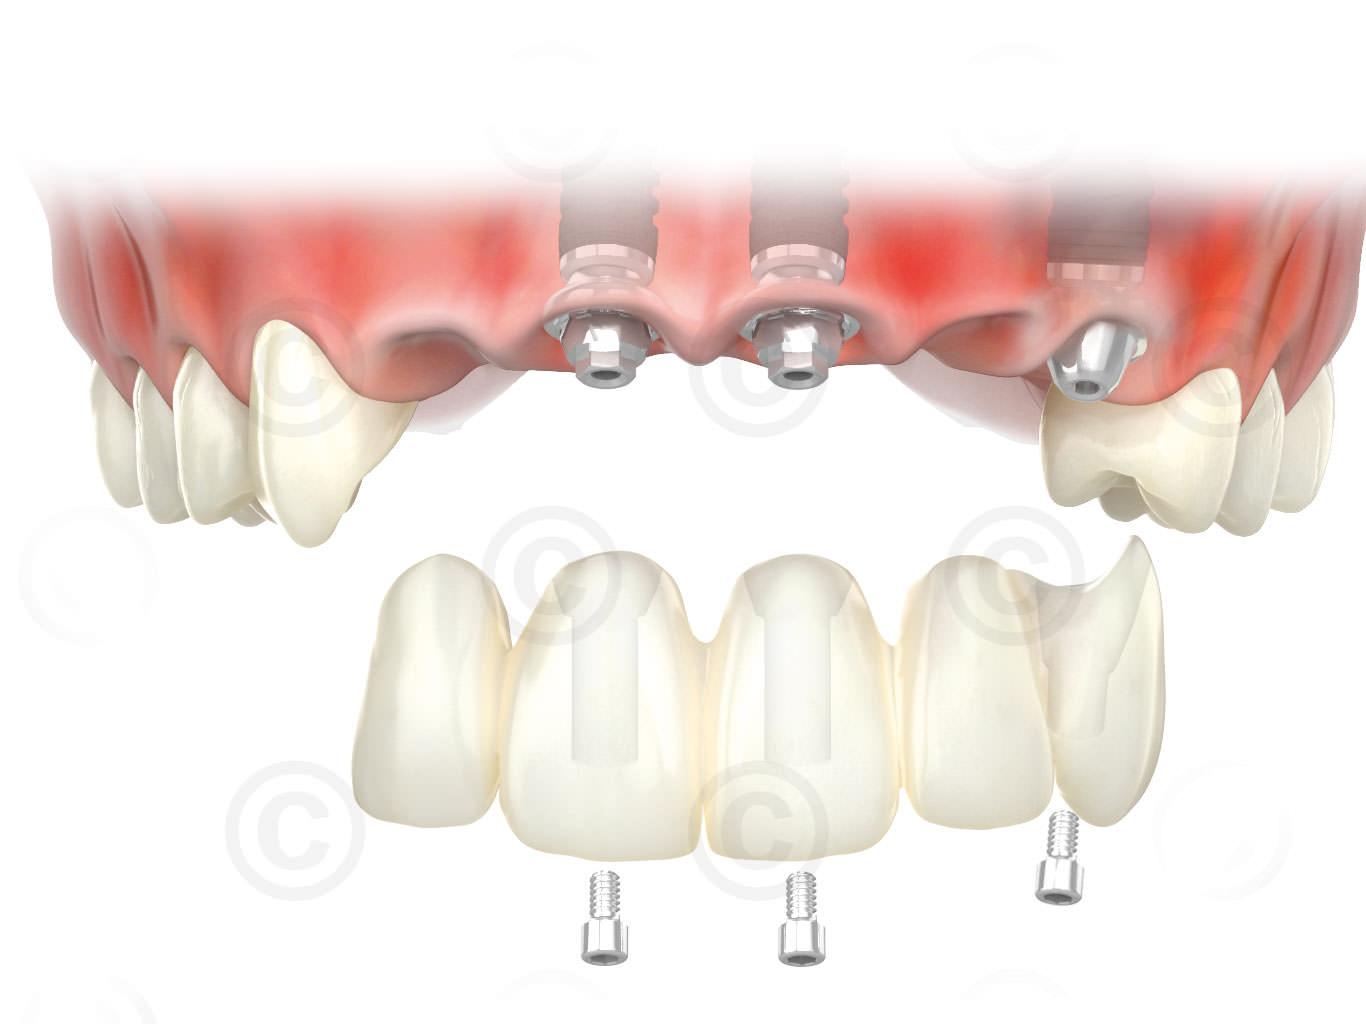 Zahnprothese obere Schneidezähne